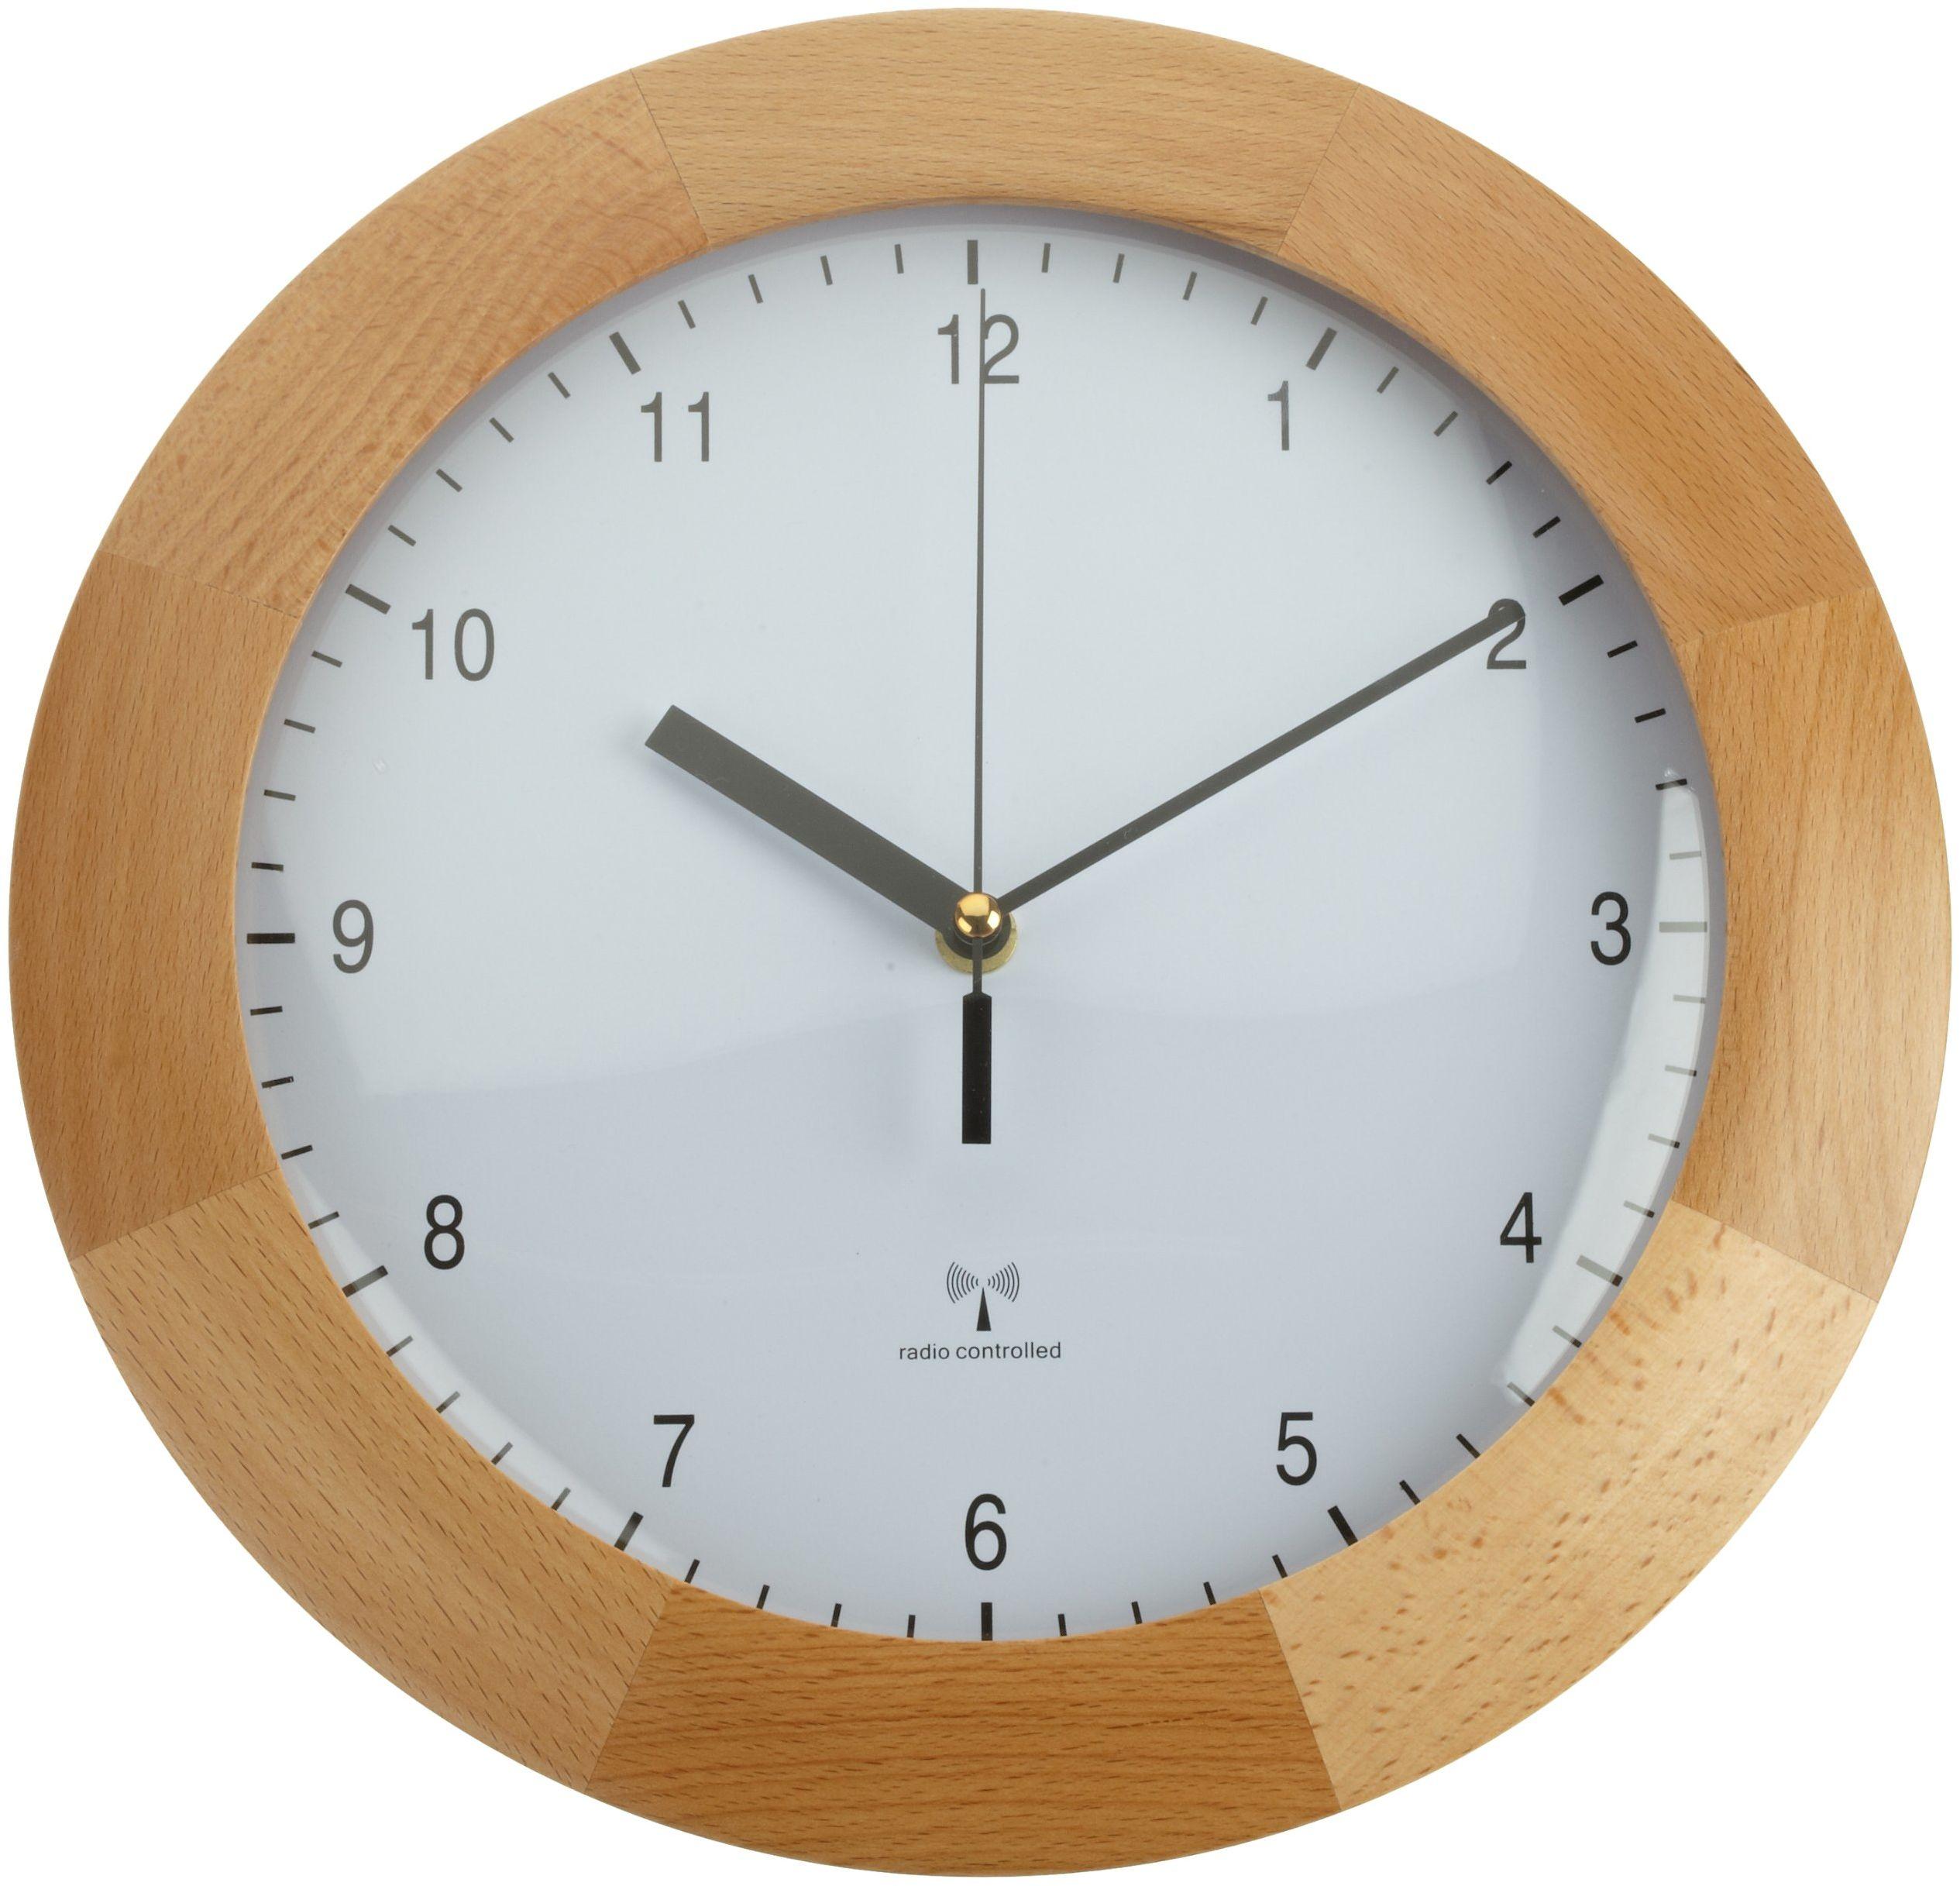 TFA Dostmann Radiowy zegar ścienny, designerski zegar ścienny, z drewna, z buku, do zawieszenia, średnica 31 cm, brązowy, 98.1065